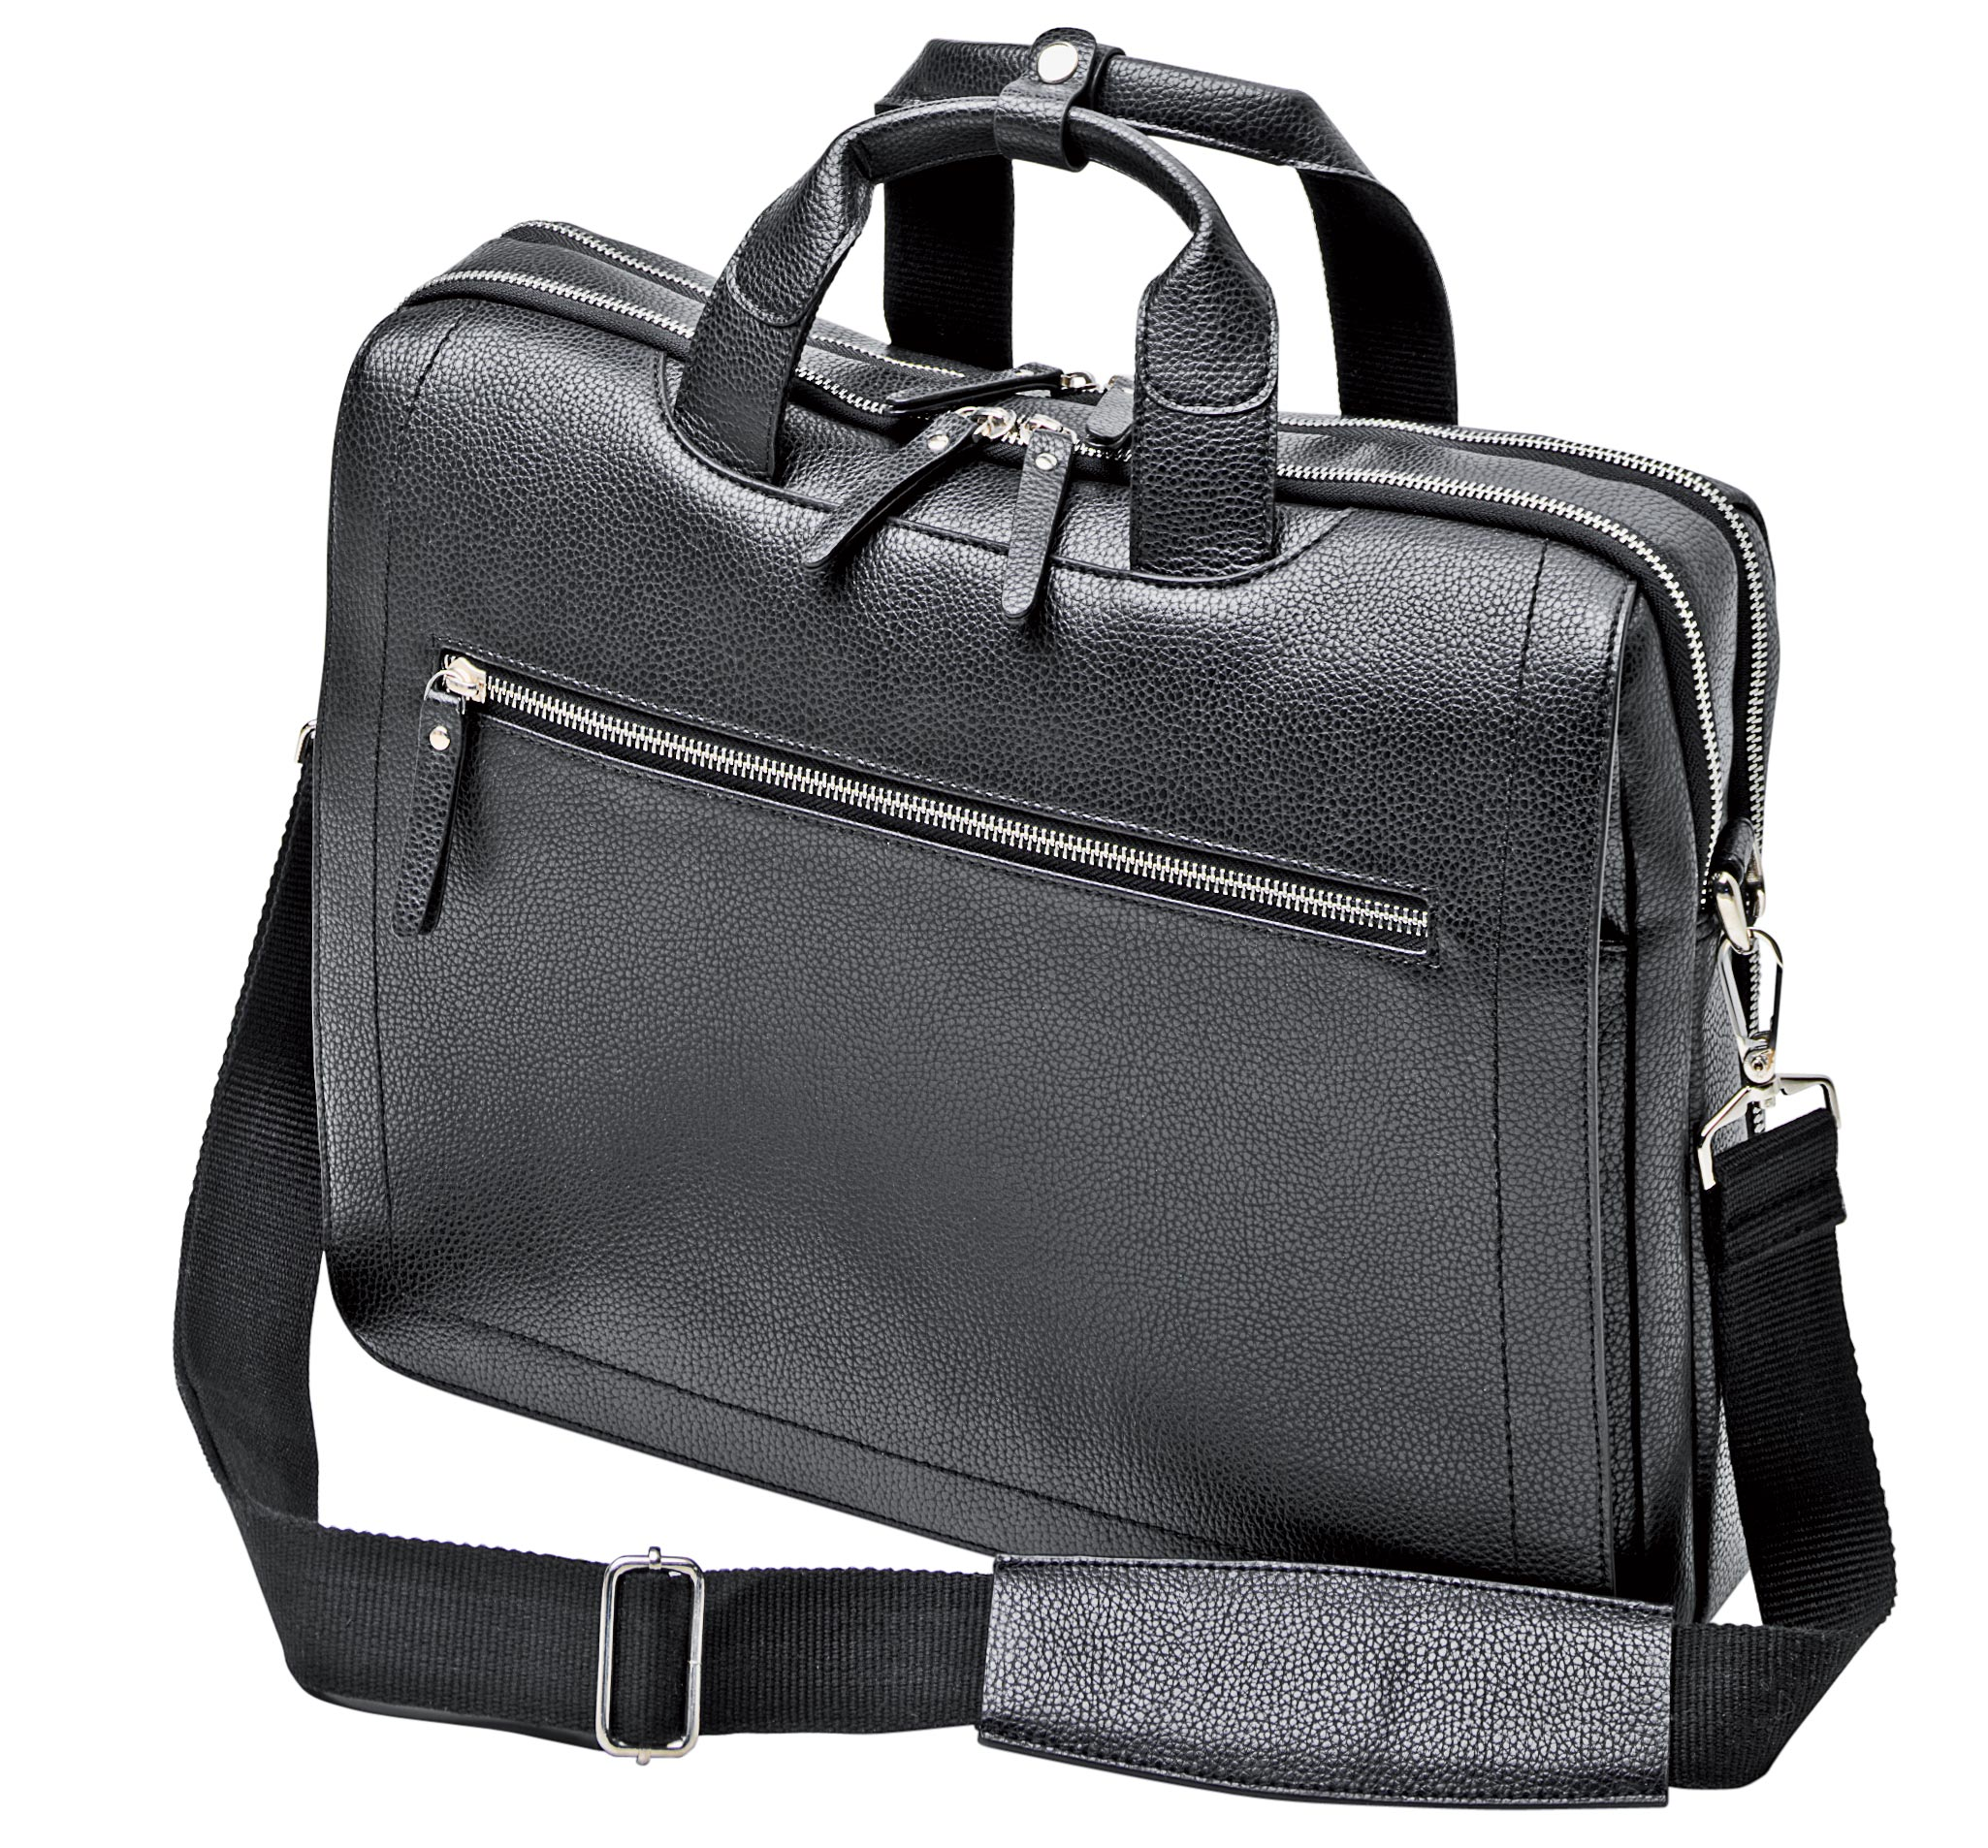 sacoche pour ordinateur portable simili cuir amsterdam meandmy 39081 az fournitures. Black Bedroom Furniture Sets. Home Design Ideas